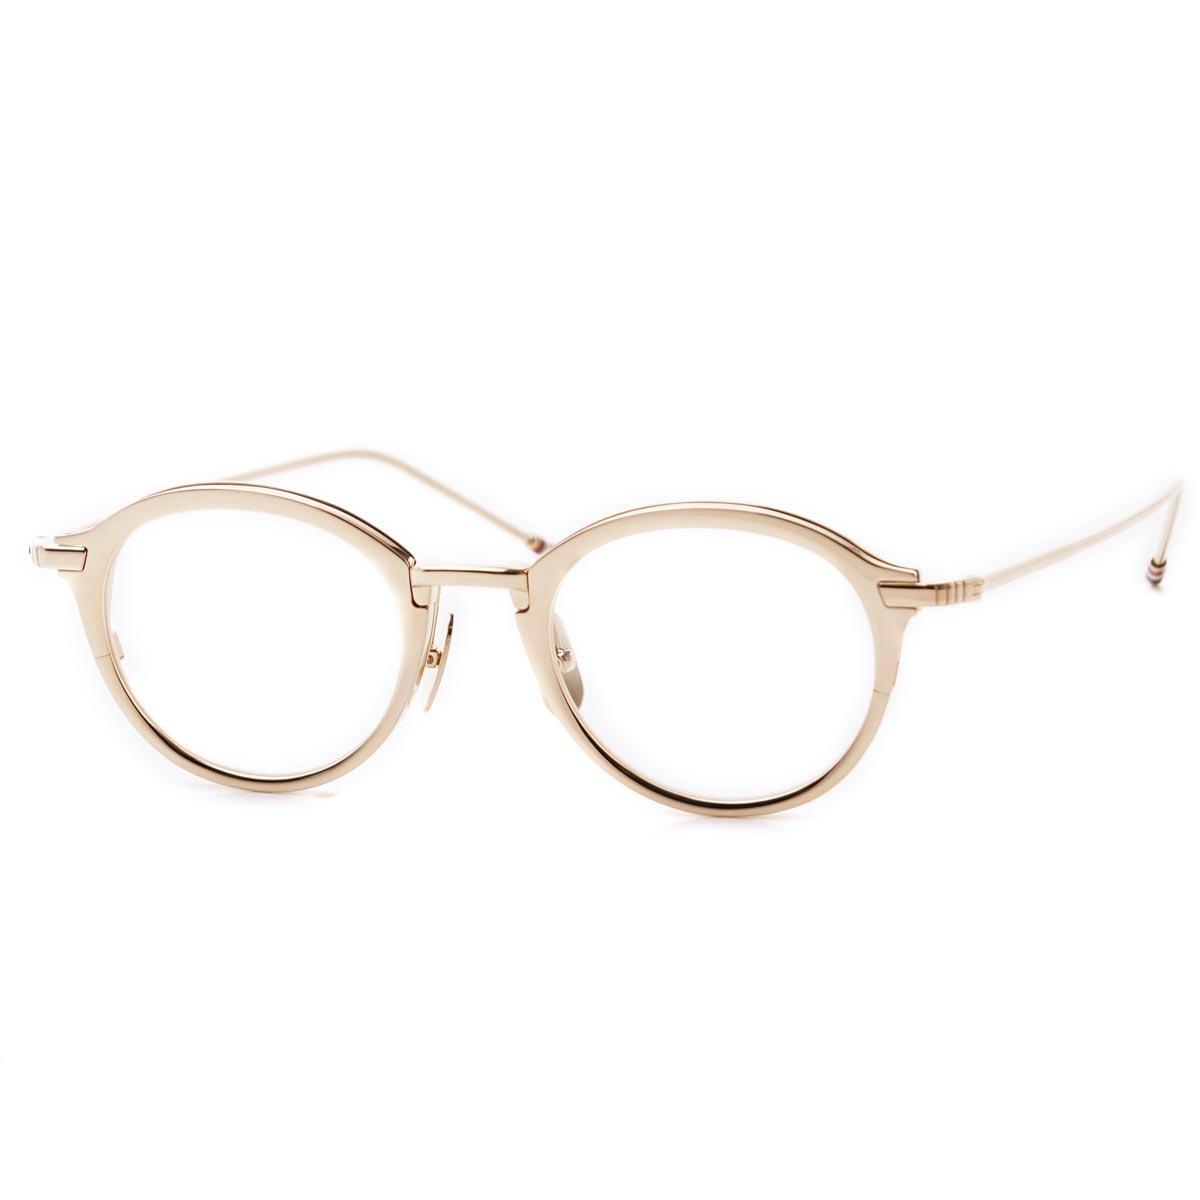 トムブラウン THOM BROWNE. 眼鏡 メガネ めがね ゴールド メンズ デザイン モード おしゃれ ギフト プレゼント tb 110 c gld 48 オーバル【ラッピング無料】【返品送料無料】【180625】【あす楽対応_関東】